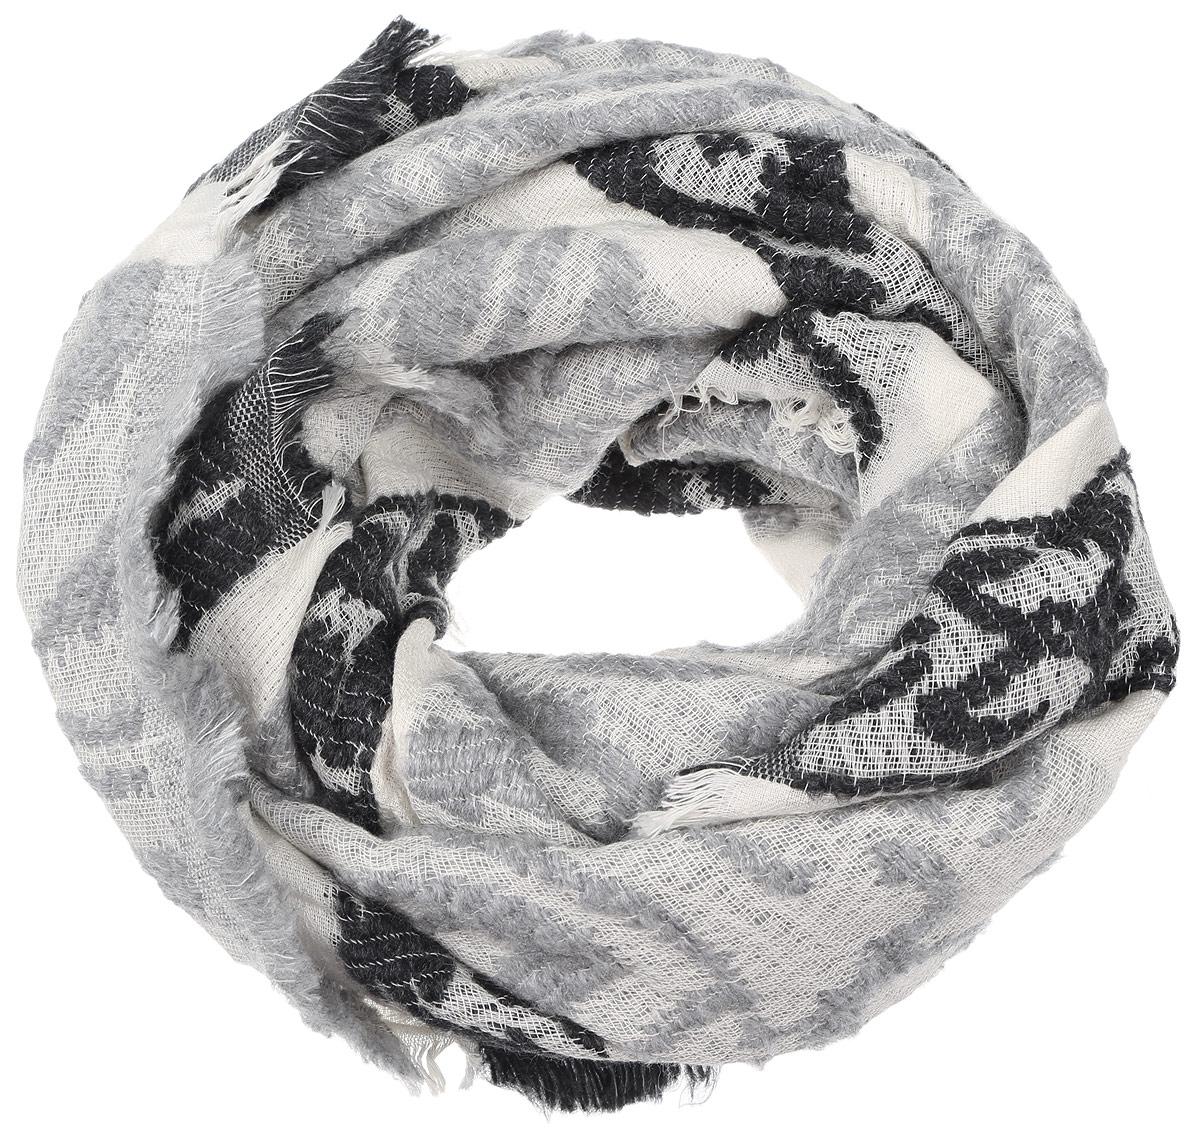 Палантин Paccia, цвет: серый, молочный, черный. IS-21601-6. Размер 70 см х 180 смIS-21601-6Элегантный палантин Paccia изготовлен из сочетания высококачественной шерсти и хлопка. Мягкая и теплая модель оформлена вязкой с узорами и дополнена тонкой бахромой по краю. Палантин красиво драпируется, он превосходно дополнит любой наряд и подчеркнет ваш изысканный вкус.